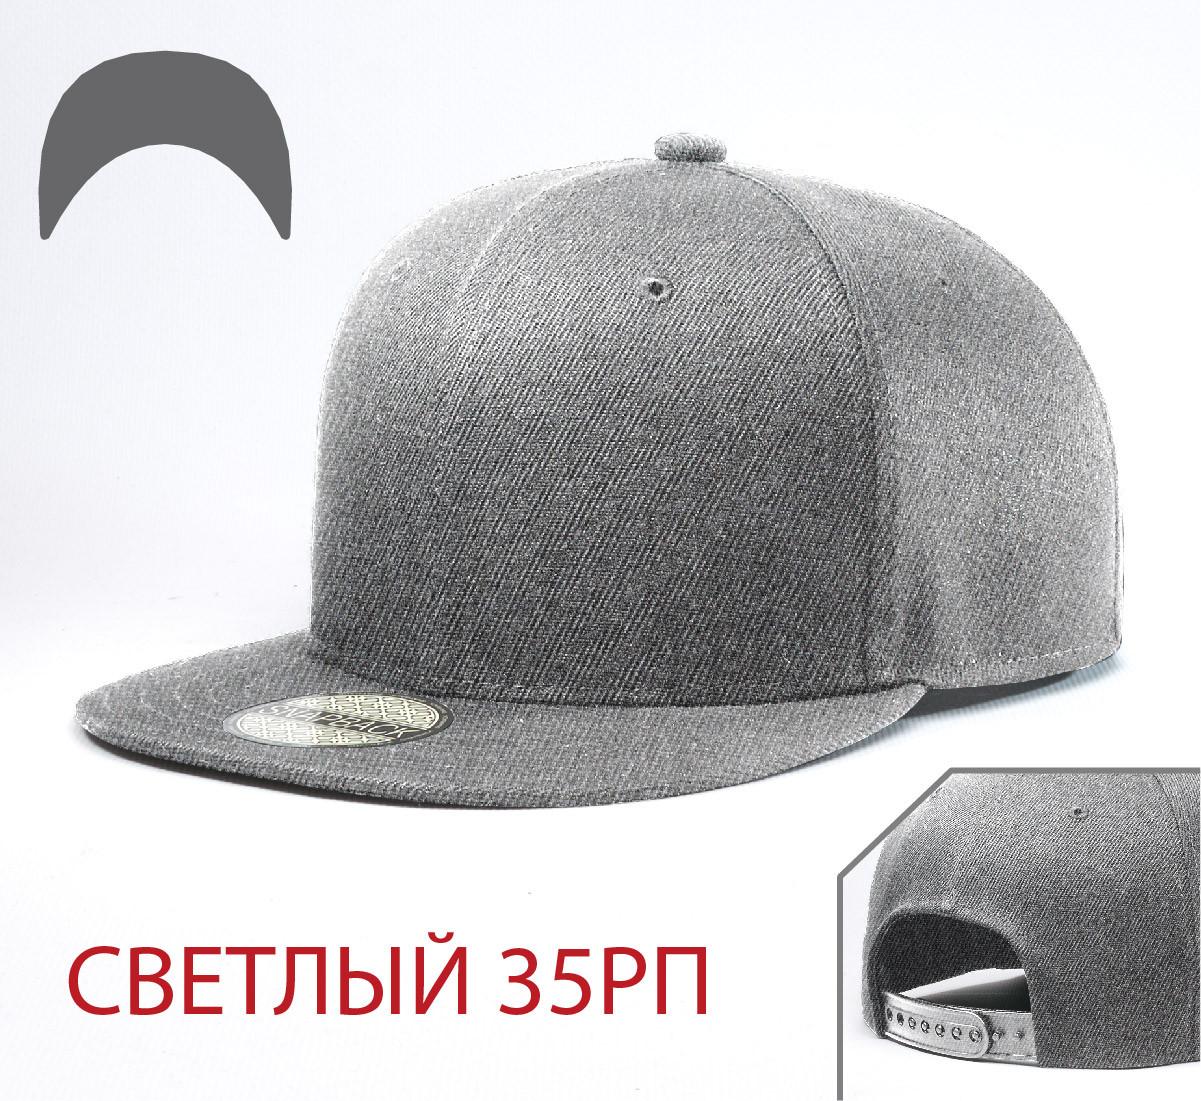 Кепка Снепбек, 6 панелей, L / 57-58 RU, Акрил; Шерсть, Серый, Inal